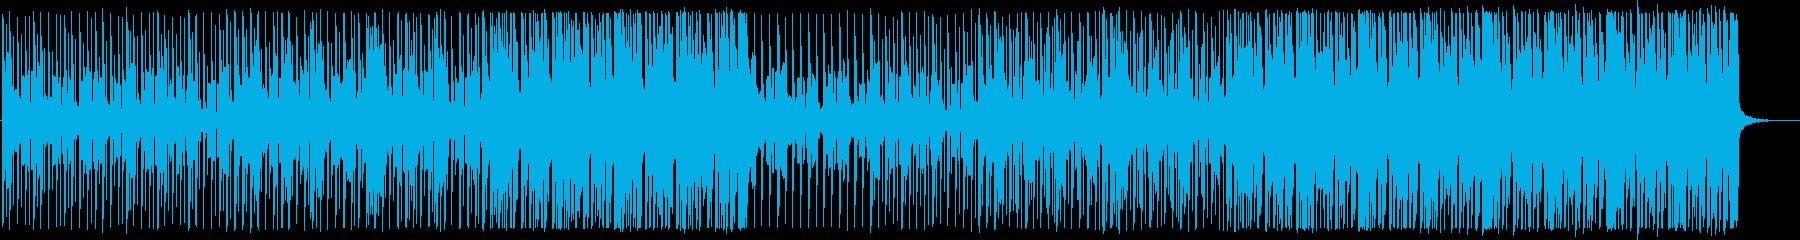 前向き/明るい/ハウス_No475_1の再生済みの波形